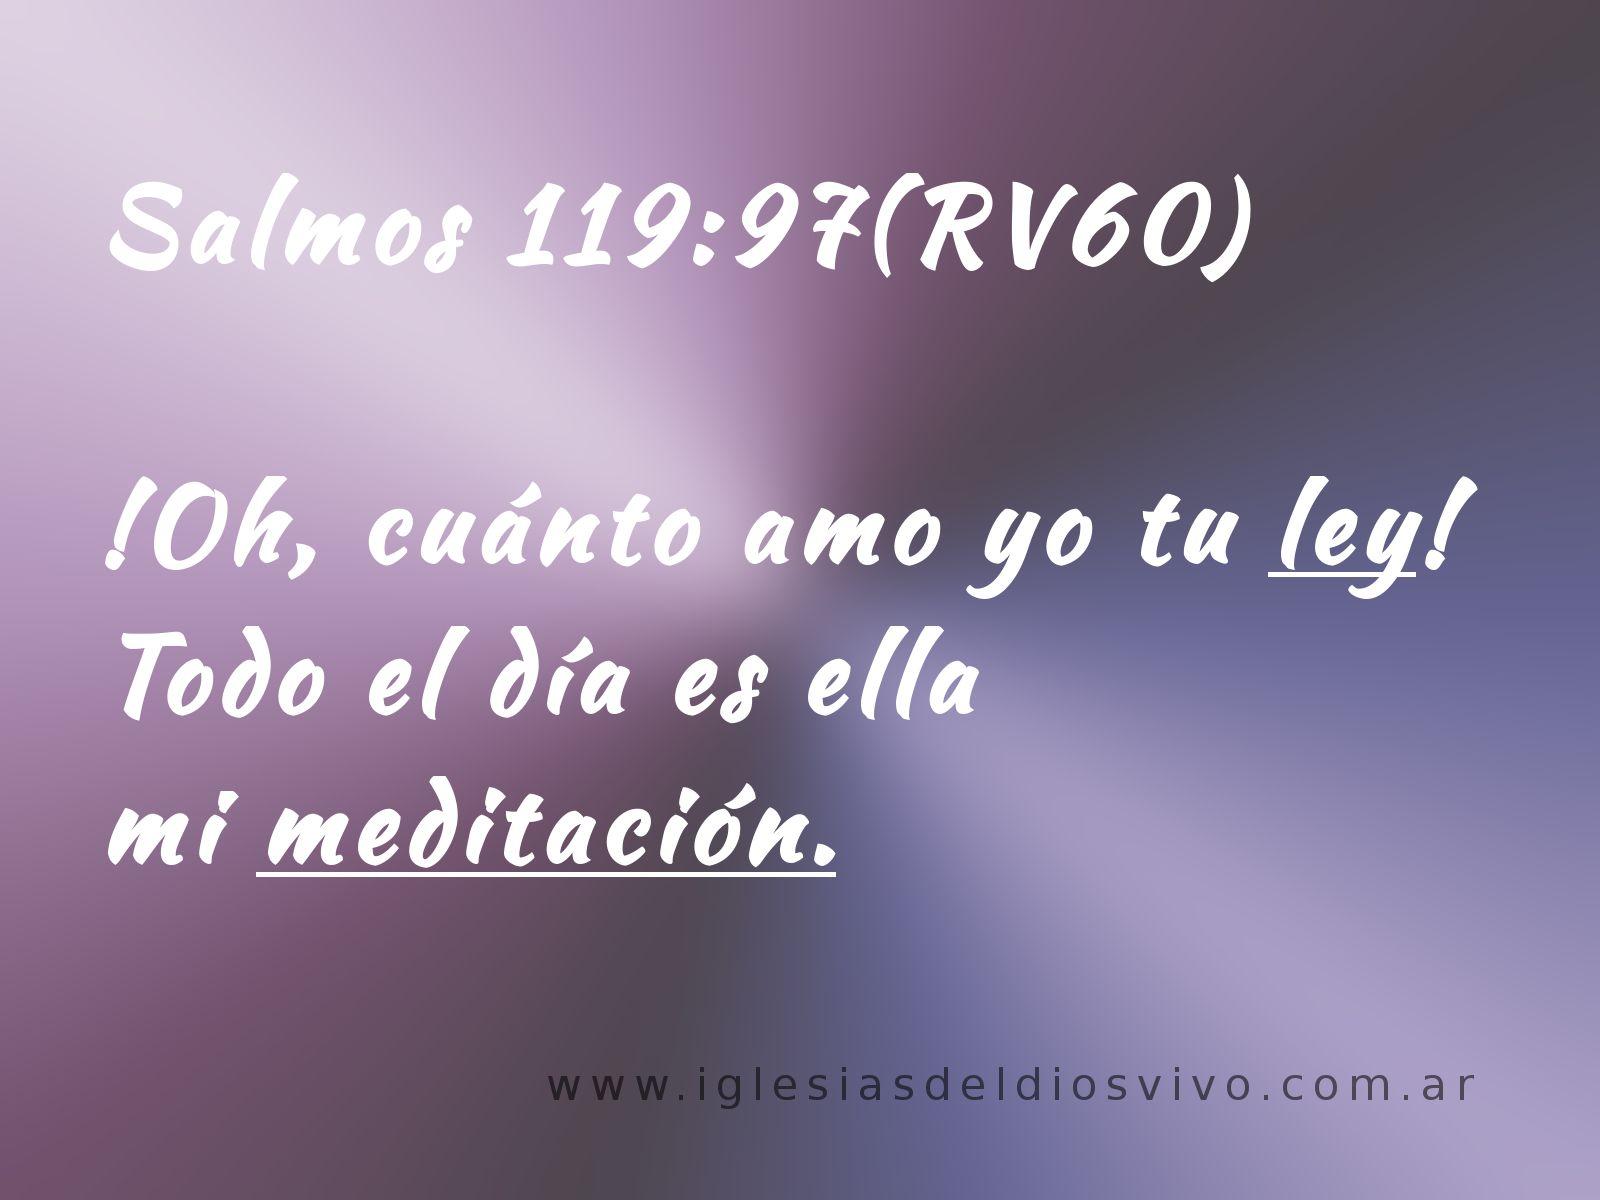 """Salmos 119 97 """"Oh cuanto amo yo tu ley Todo el dia · Citas BblicasFrases"""